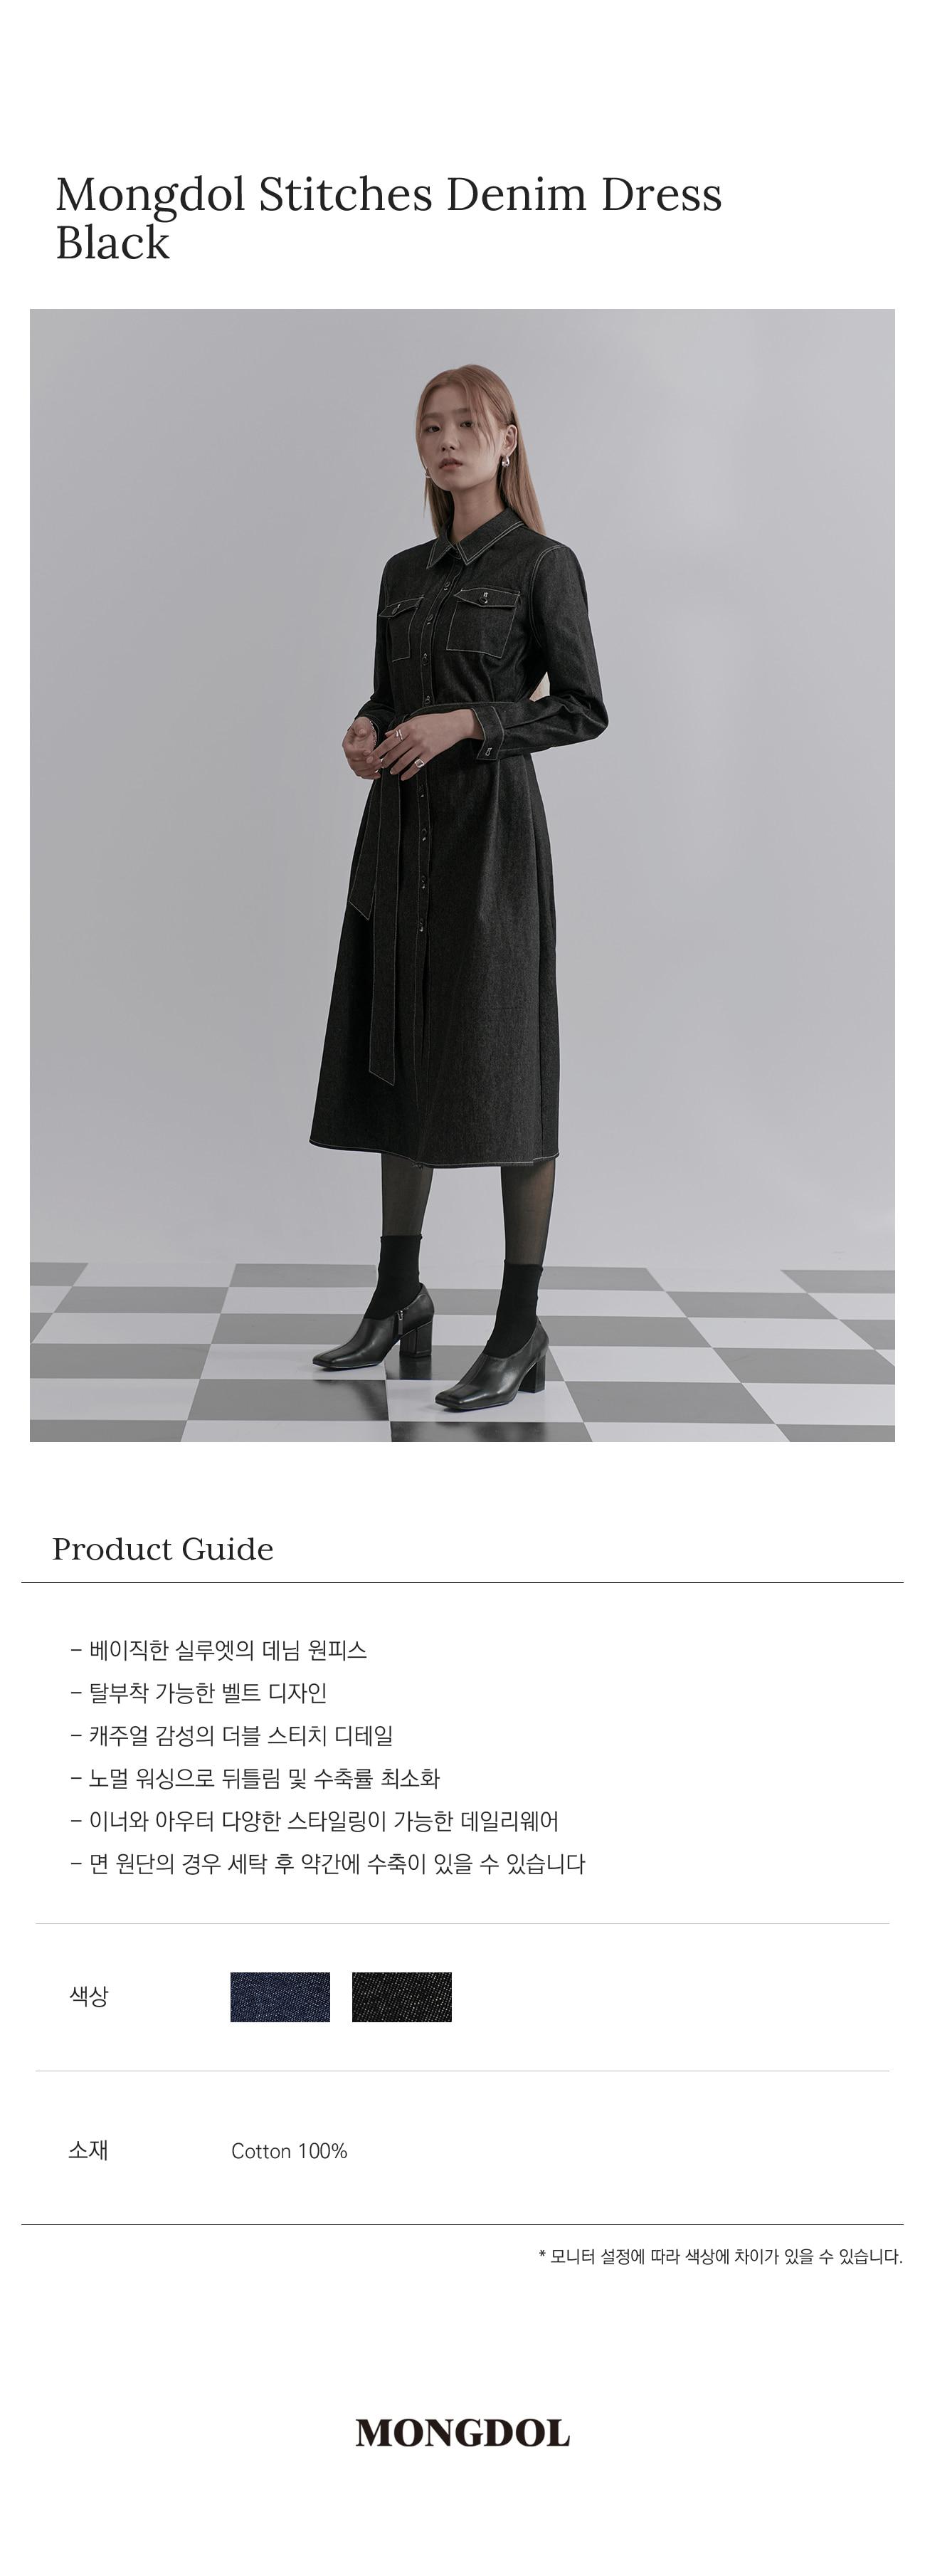 몽돌(MONGDOL) 원피스 스티치 데님 드레스 셔츠 포켓 원피스 블랙 MDOP040BLACK